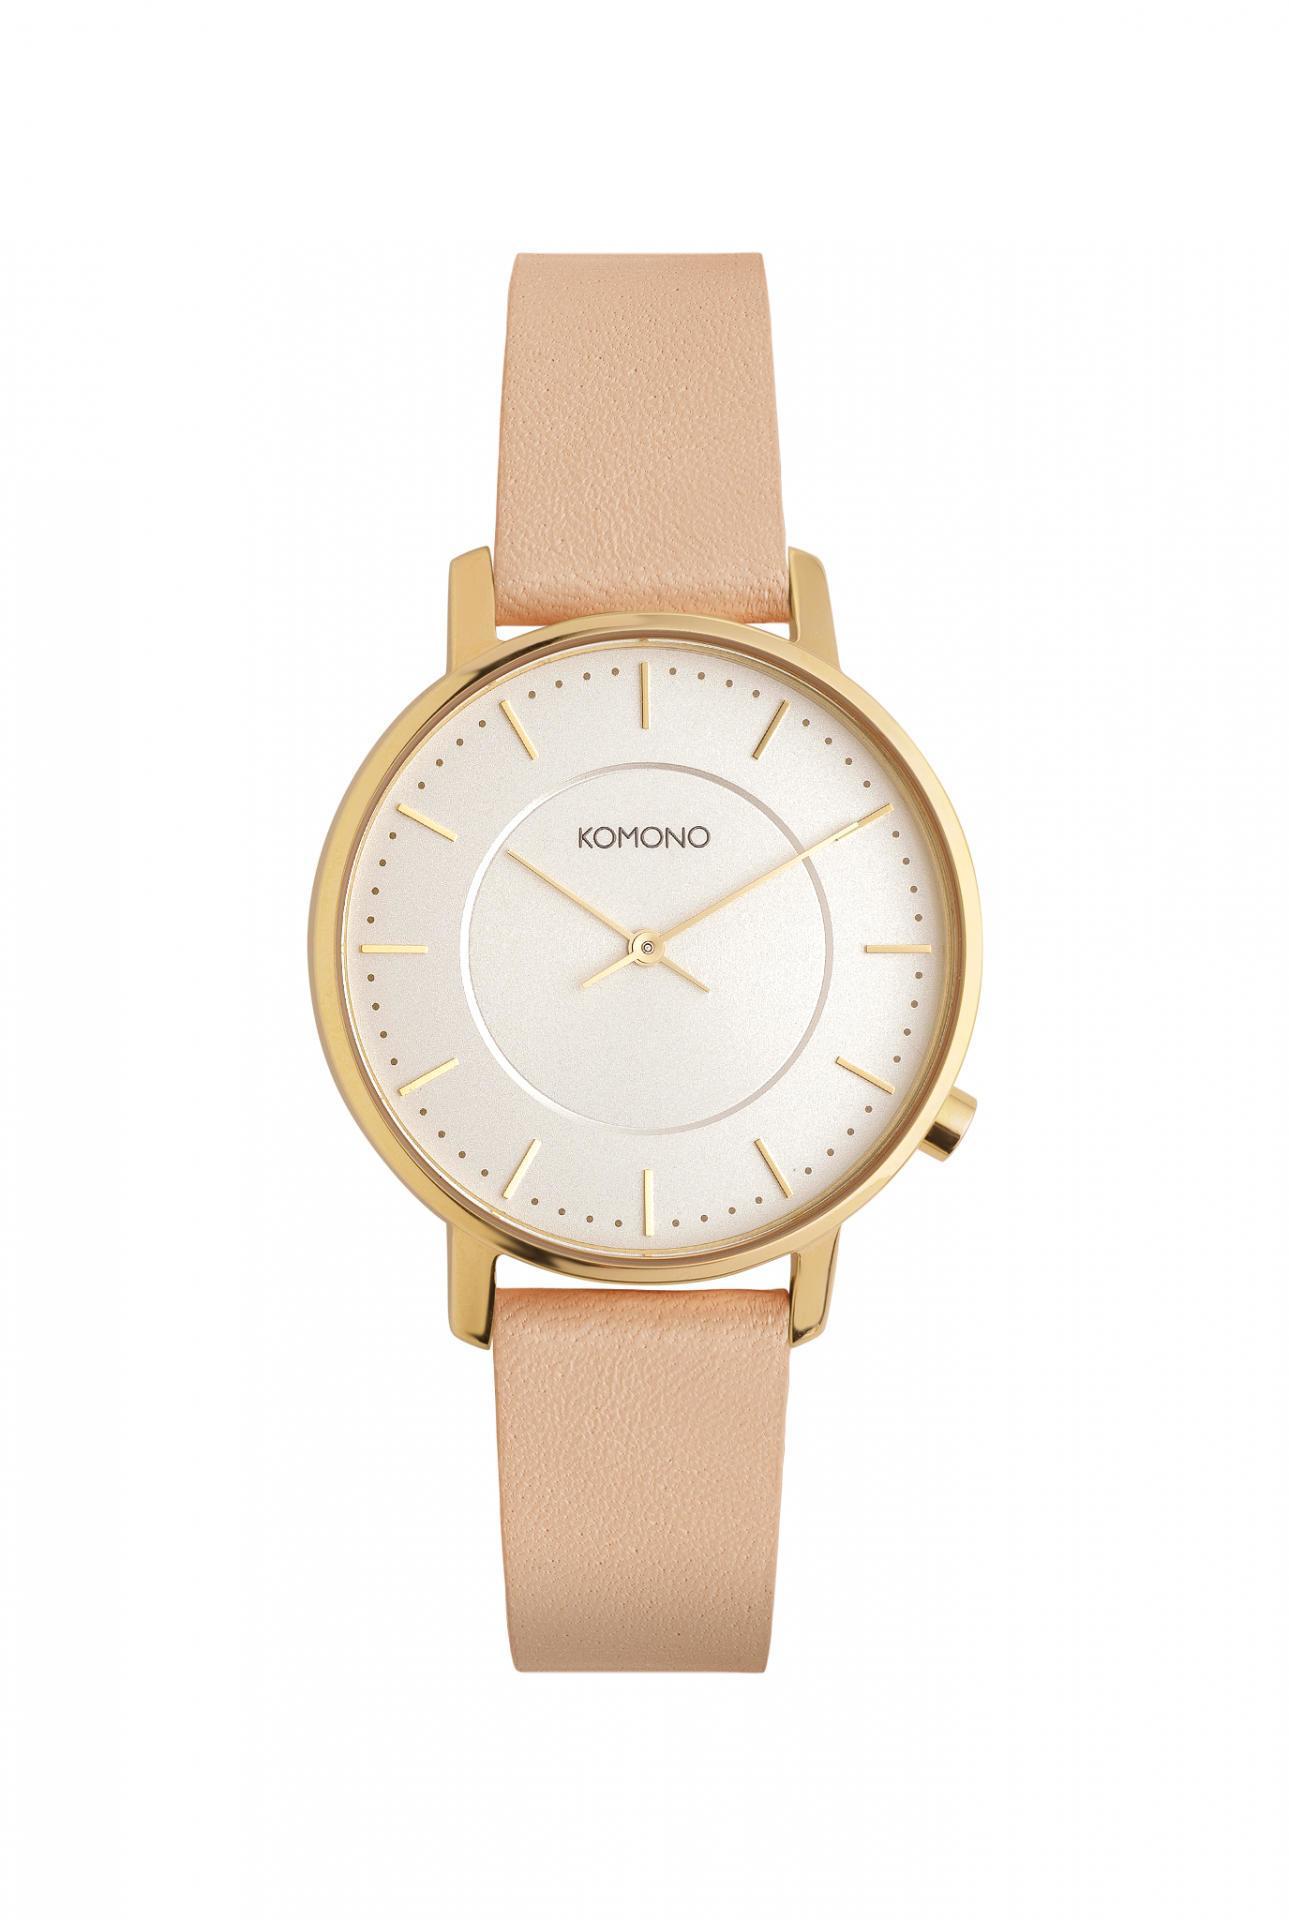 Komono Dámské hodinky Komono Harlow Pastel Cinnamon, béžová barva, zlatá barva, kov, kůže